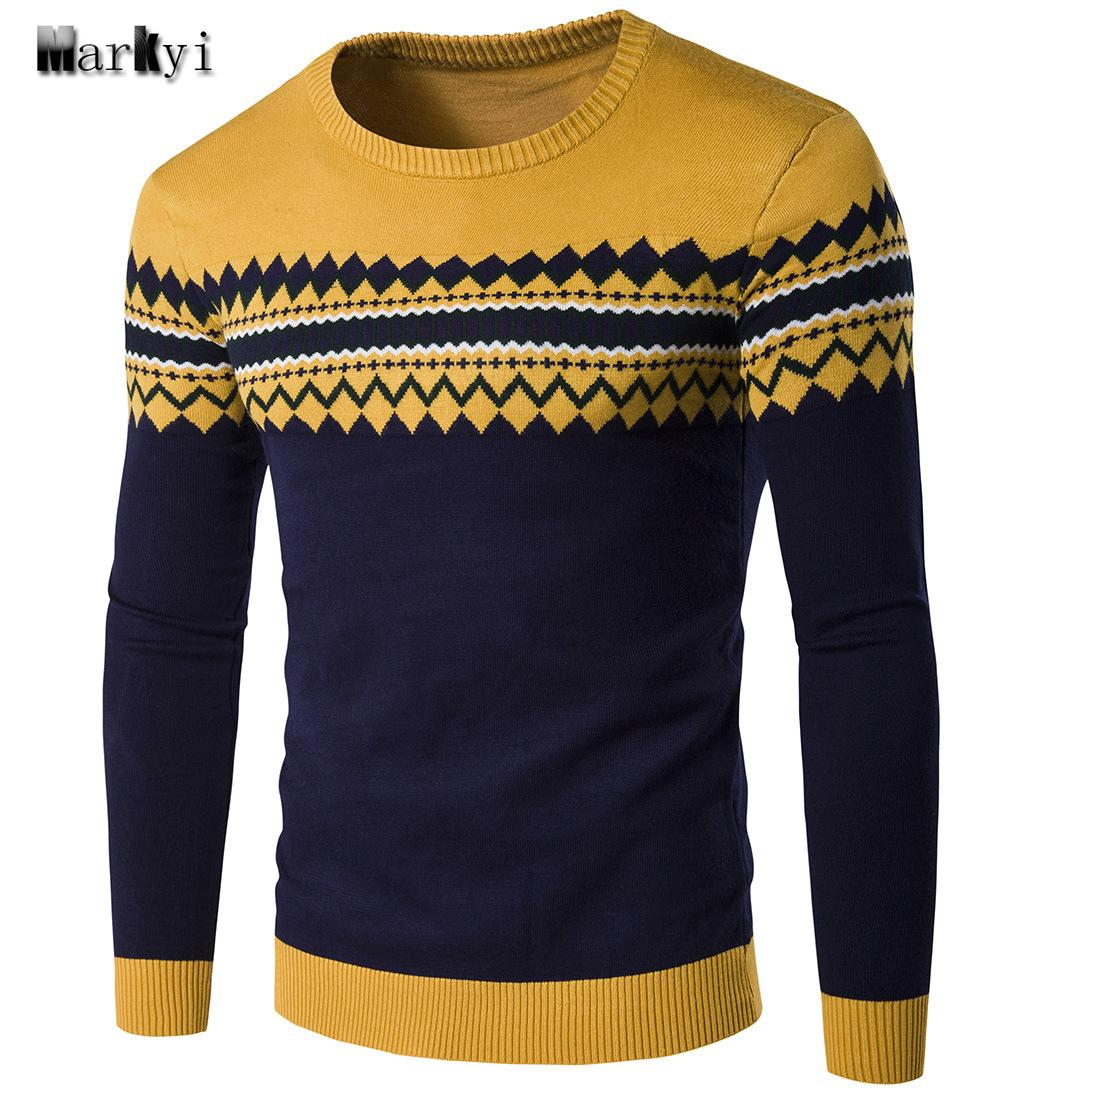 Großhandel MarKyi 2016 Herbst Patched Pullover Herren Marke Pullover Gute  Qualität O Neck Strickmuster Herren Pullover Größe 2xl Von Clothwelldone,  ... f24654aac1